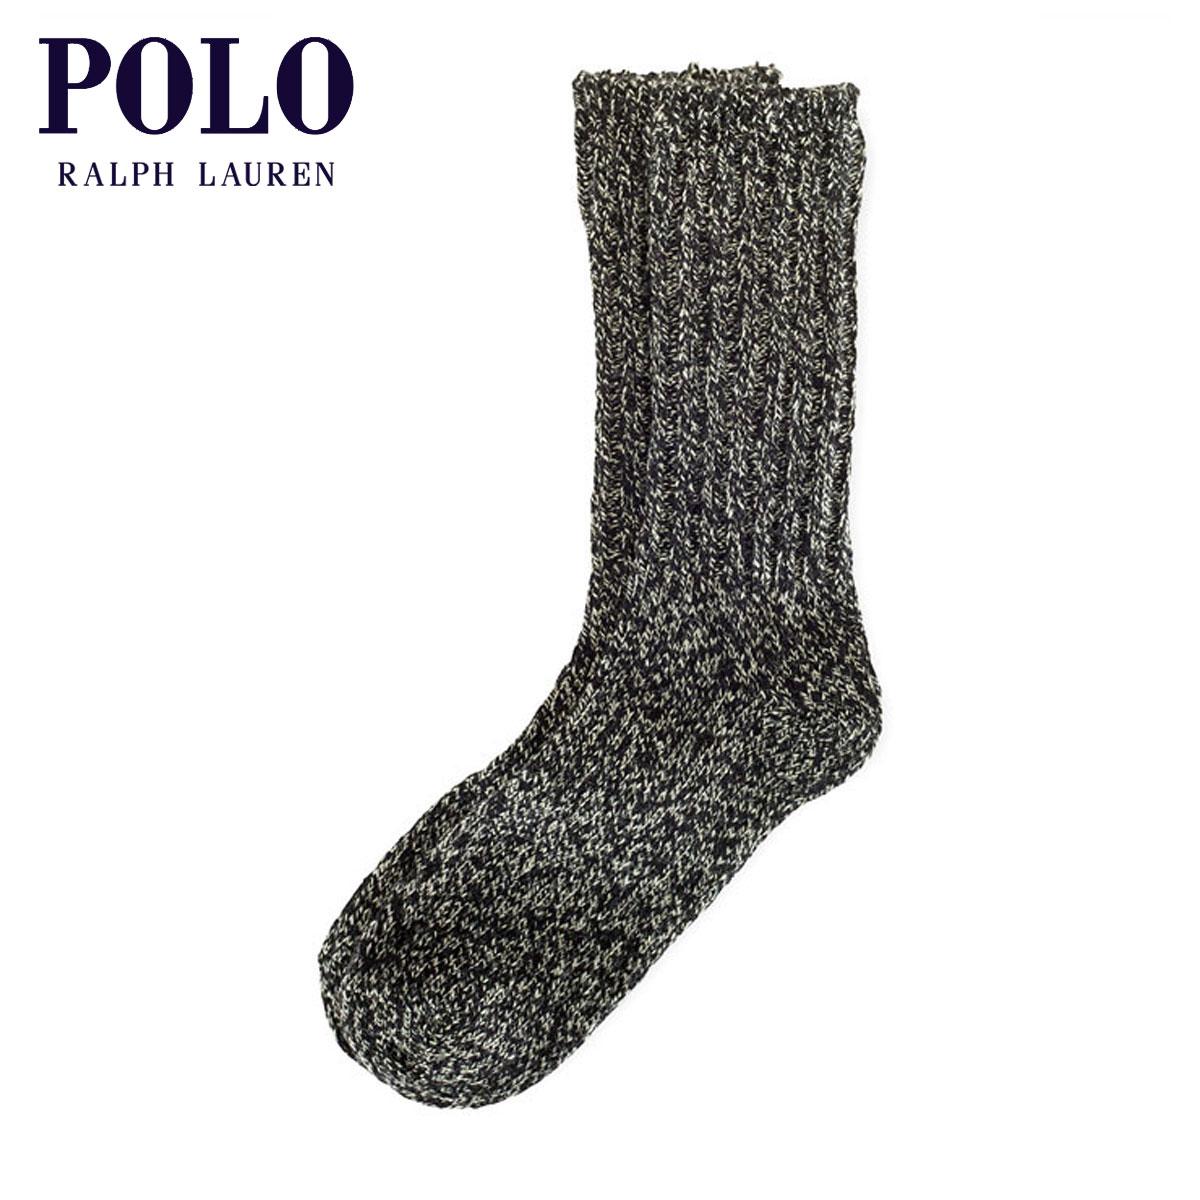 6126eb7f7e Polo Ralph Lauren POLO RALPH LAUREN regular article socks socks WOOL-BLEND  HIKING SOCKS